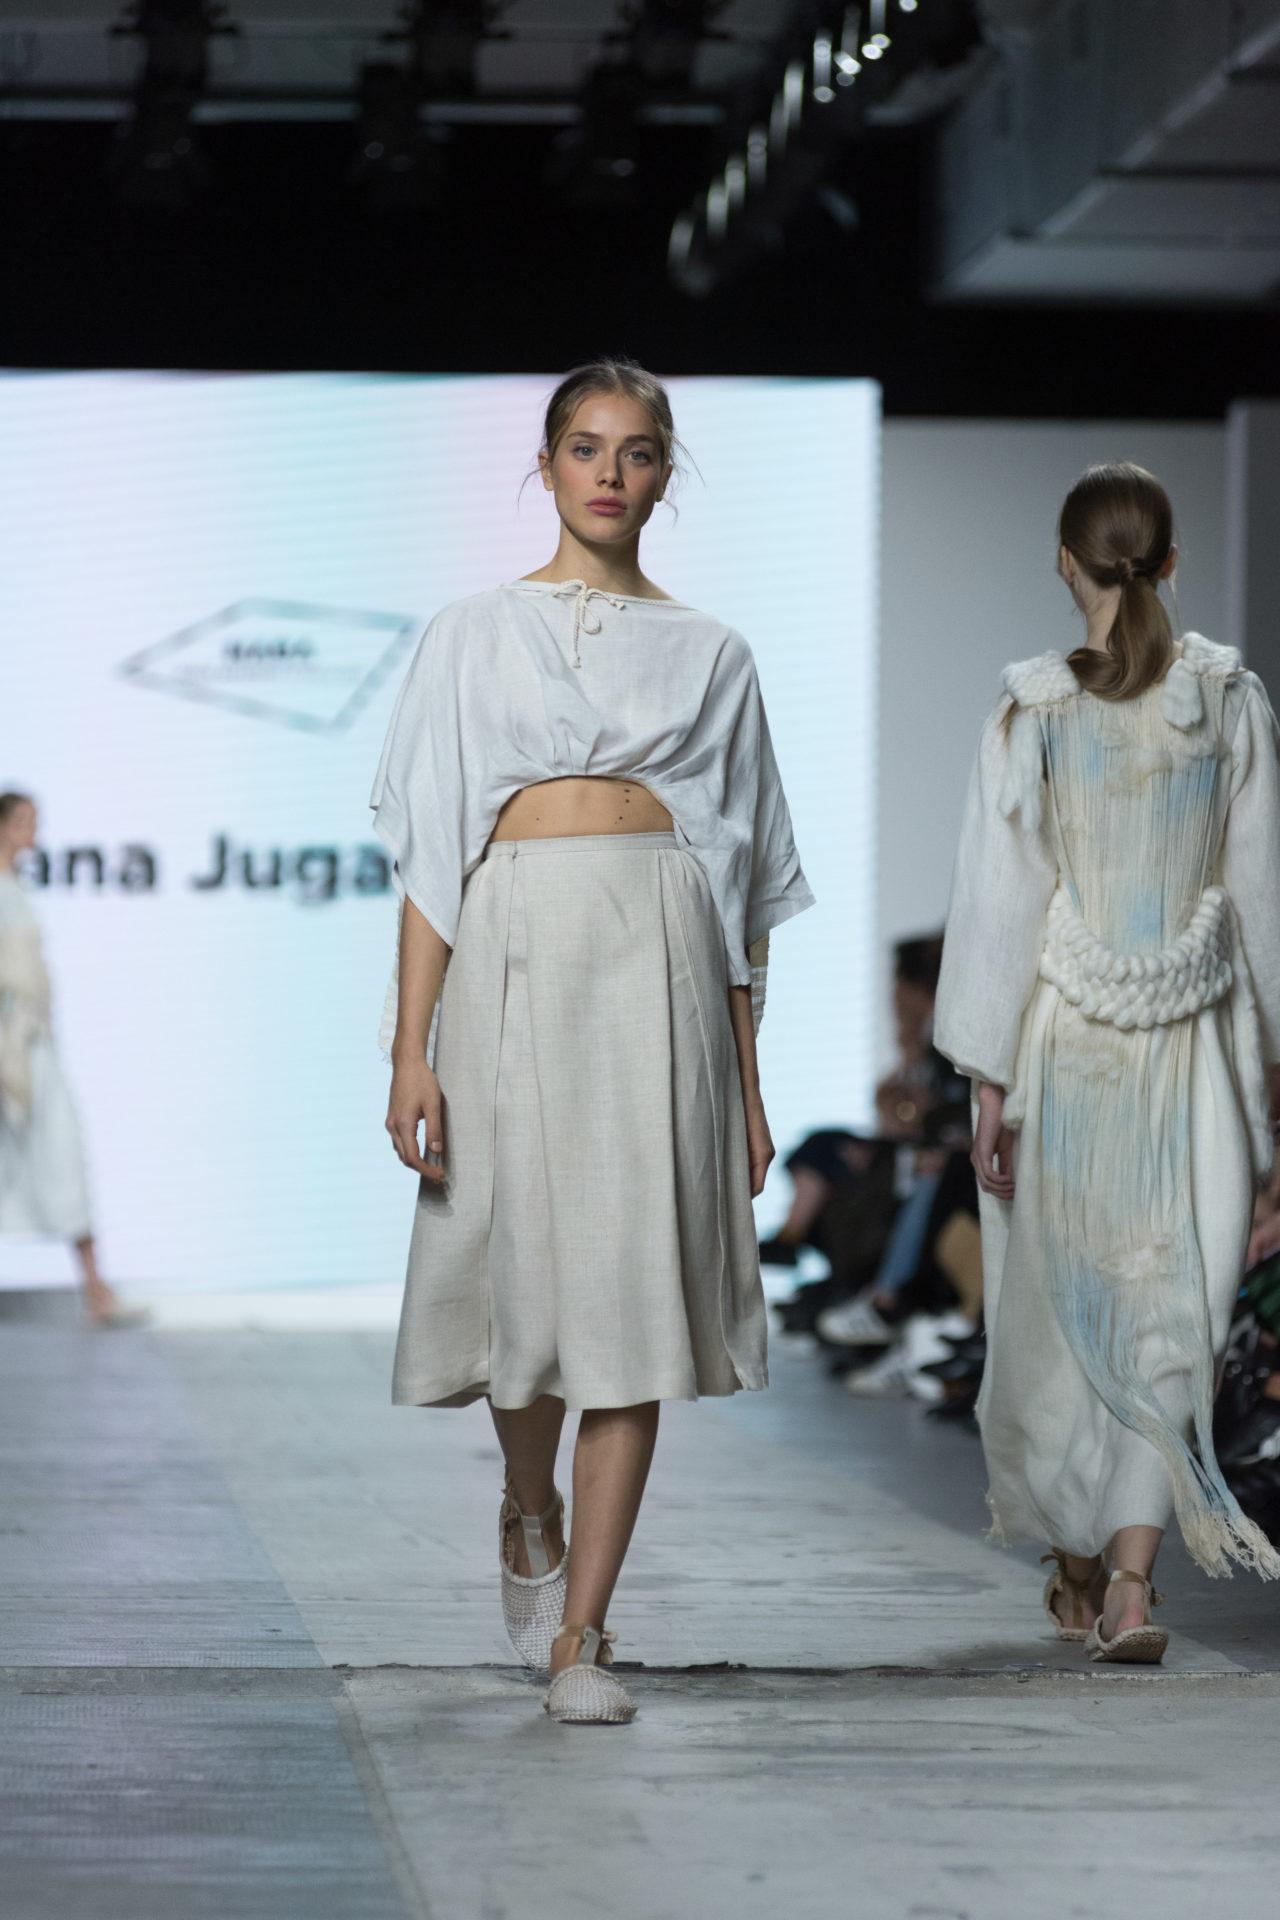 Fashion Designer: Oana Juganaru -Fashion Graduate Italia Fashion Show - NABA